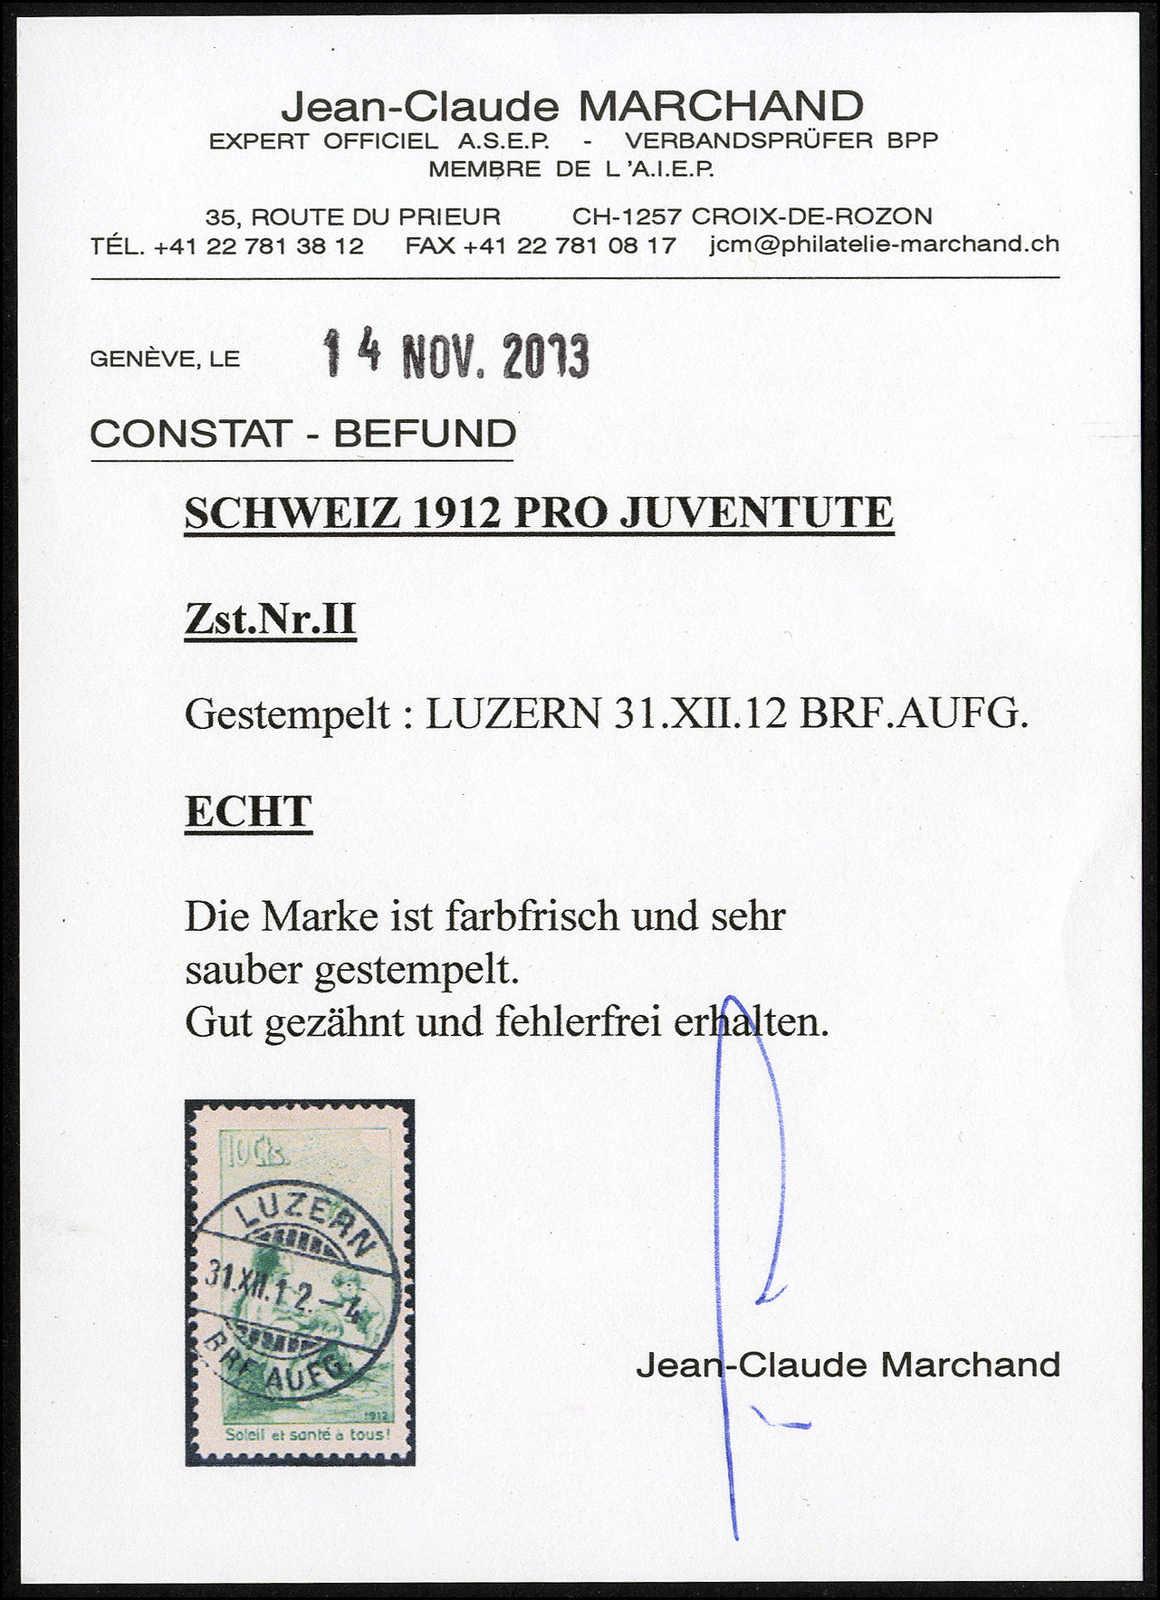 Lot 192 - schweiz schweiz pro juventute -  Rolli Auctions Auction #68 Day 1